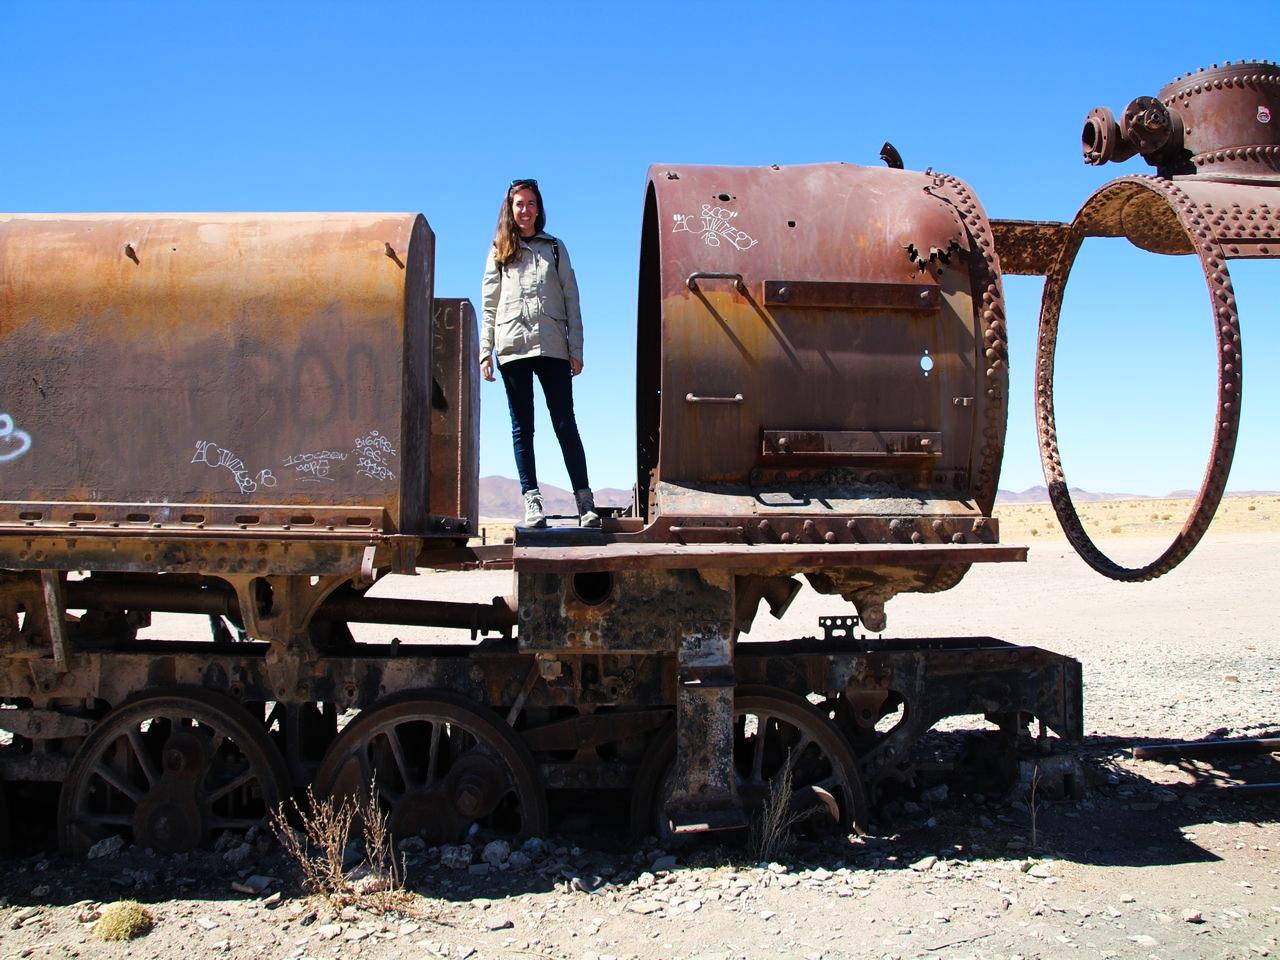 El cementerio de trenes es una parada del tour de 3 días por el Salar de Uyuni.